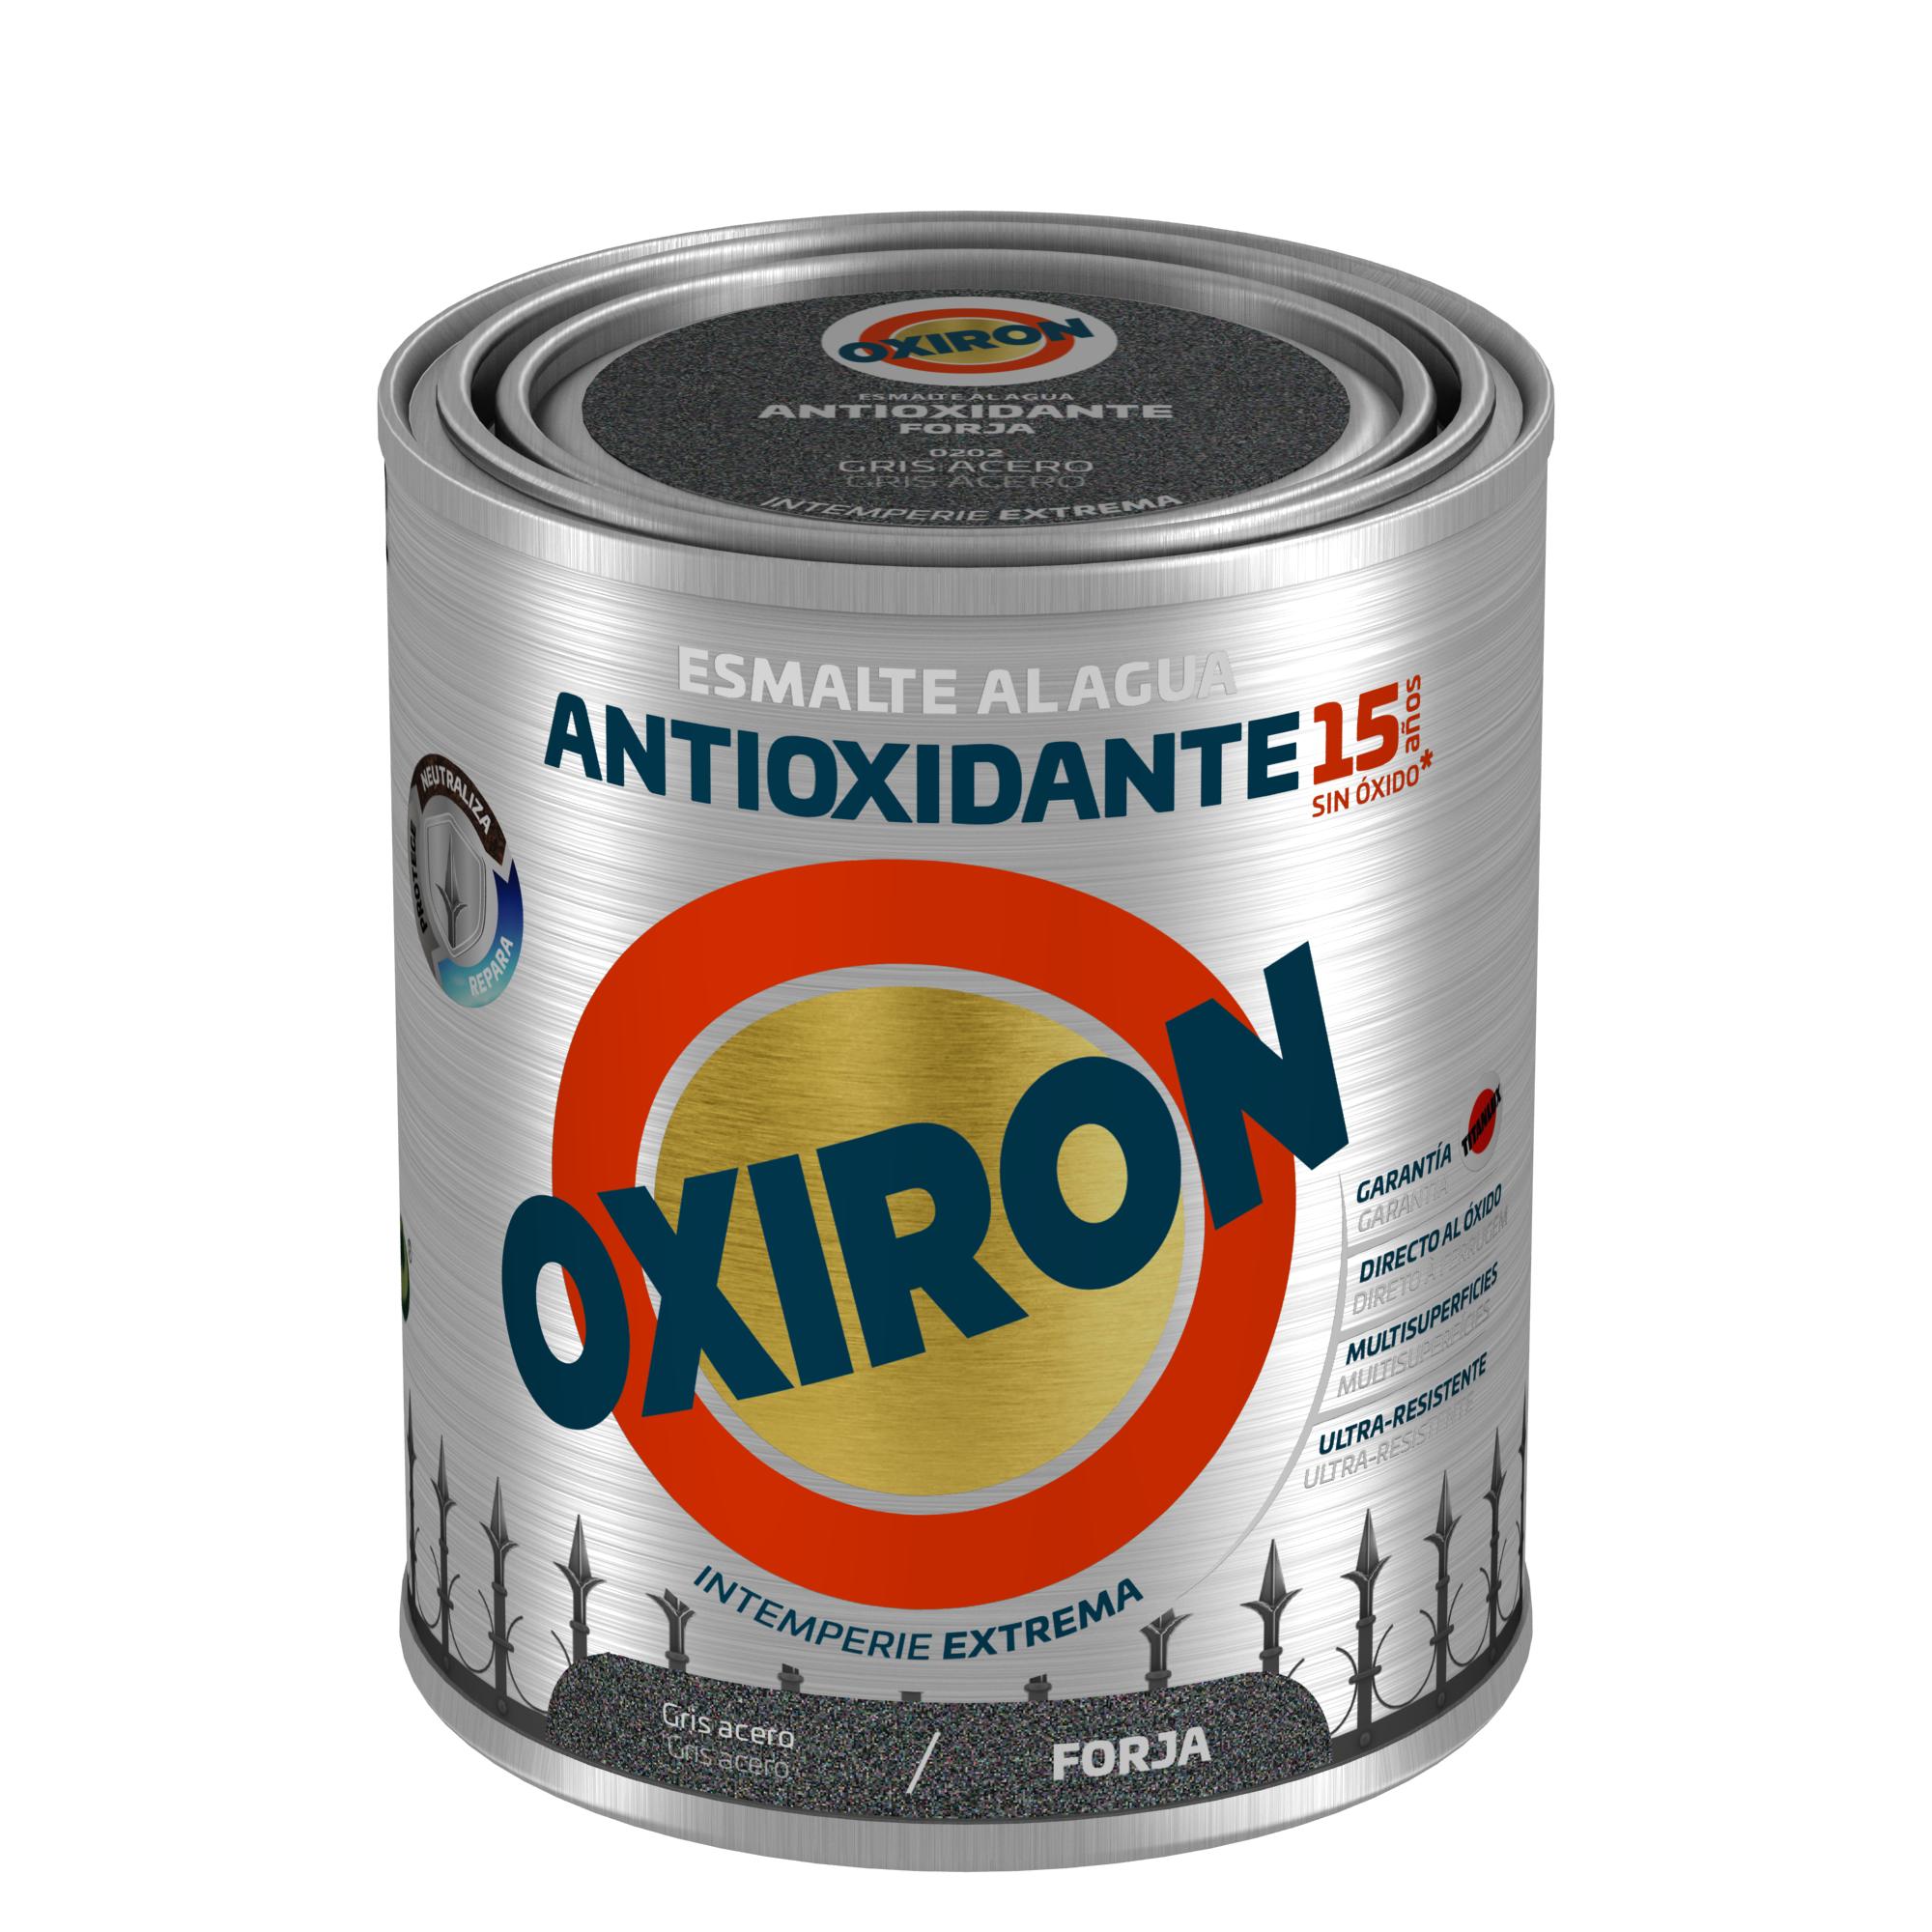 Oxiron Agua Forja